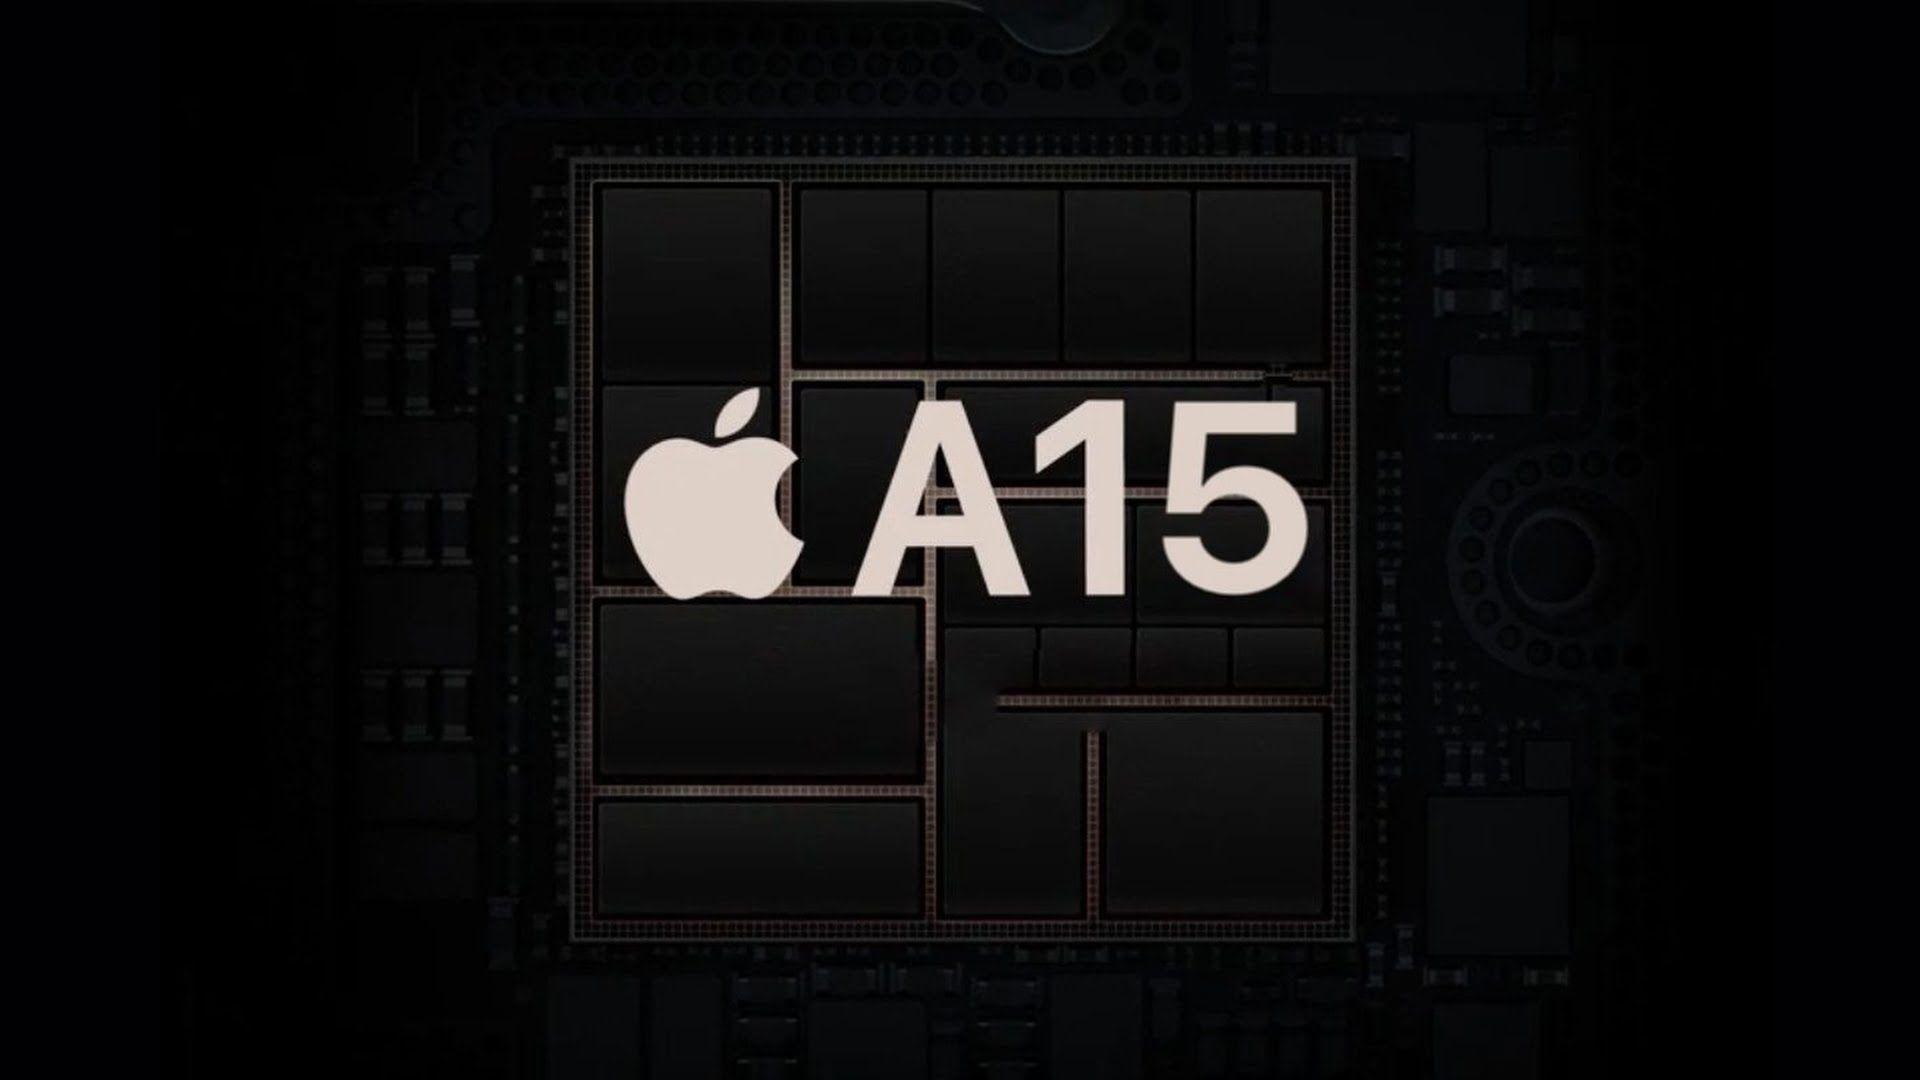 Firma Apple zamówiła ponad 100 milionów procesorów A15